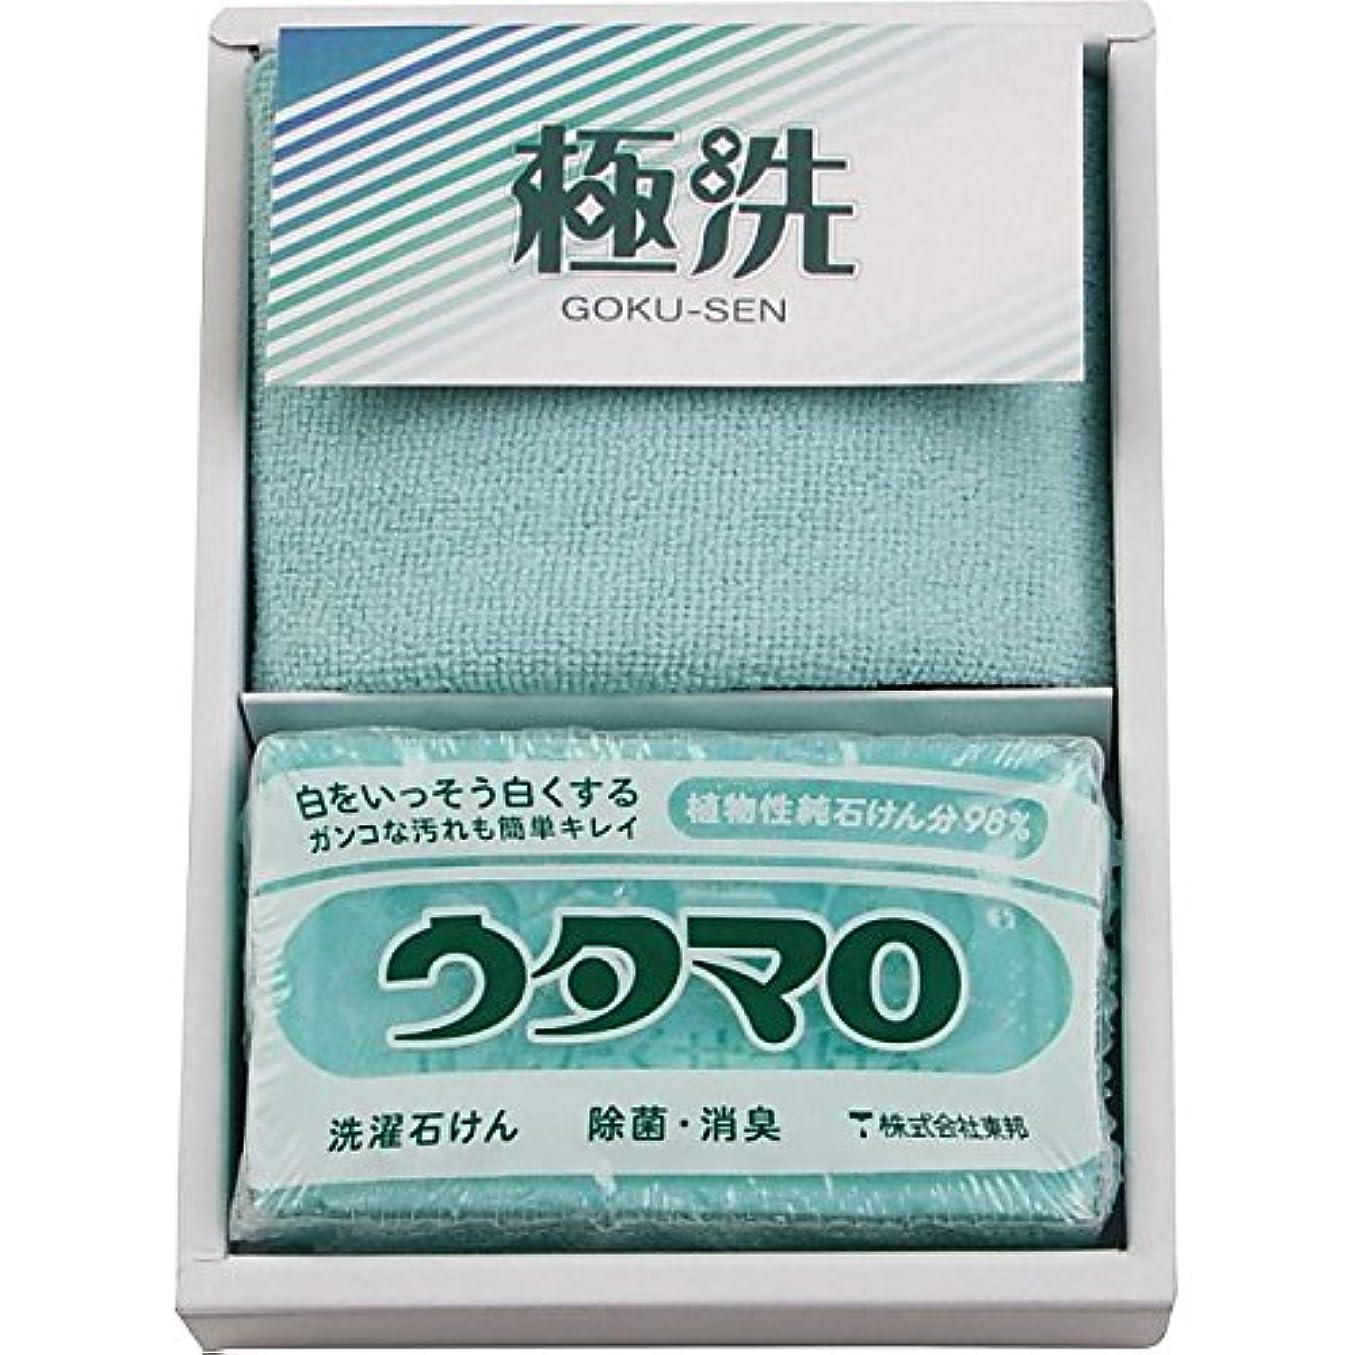 判定定常論争的( ウタマロ ) 石鹸セット ( 835-1053r )